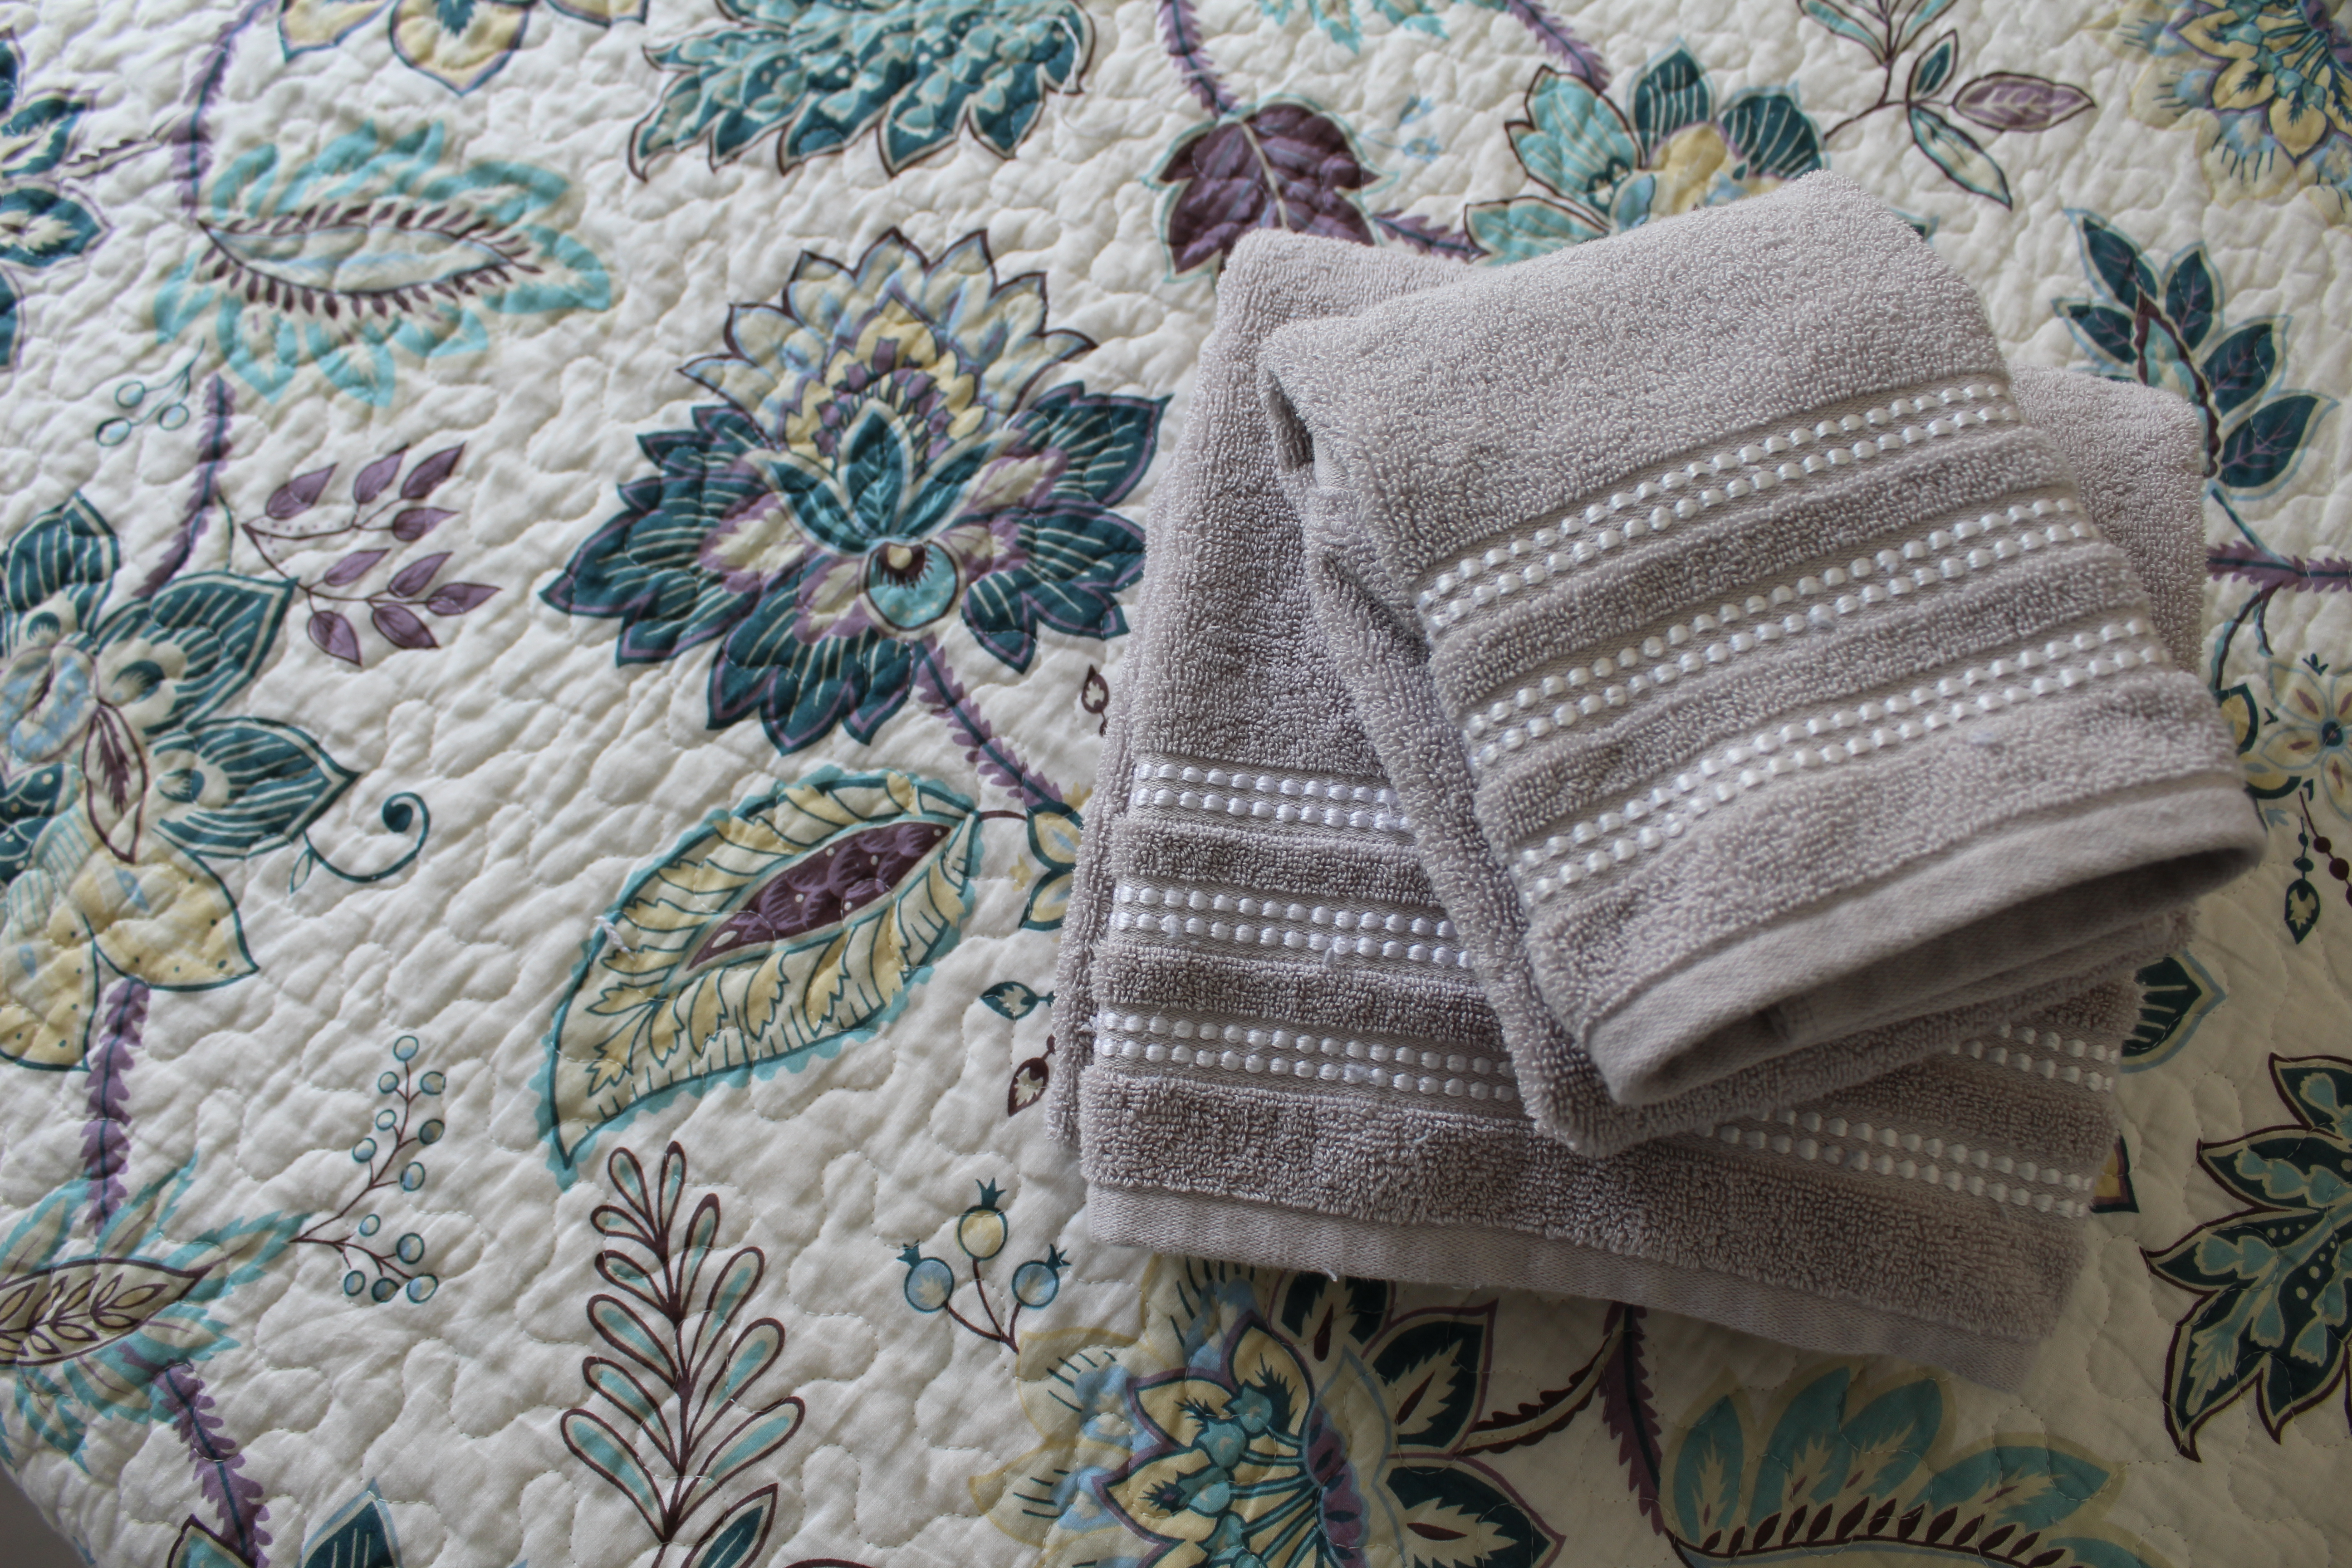 Soft Linens & textiles